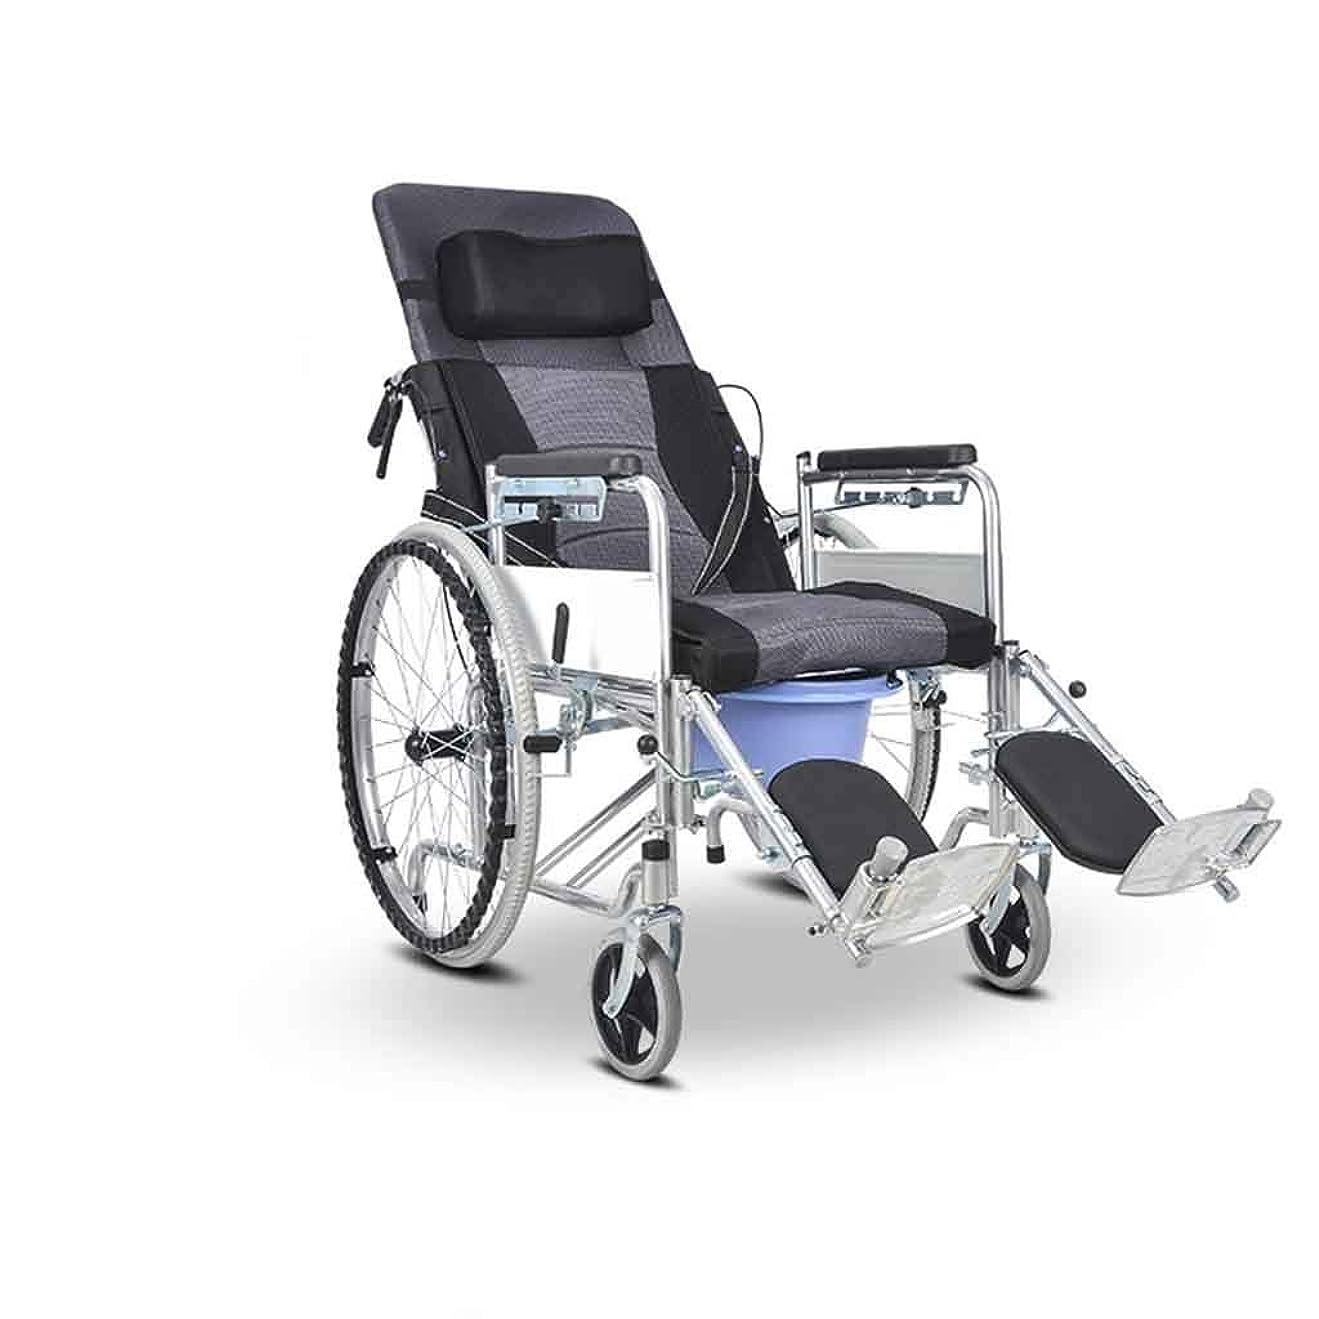 南方の行き当たりばったりレタッチ多機能介護用車椅子、高齢者向けの車椅子折りたたみ式ポータブル車椅子ロッキングハンドブレーキライト付き移動式チェア